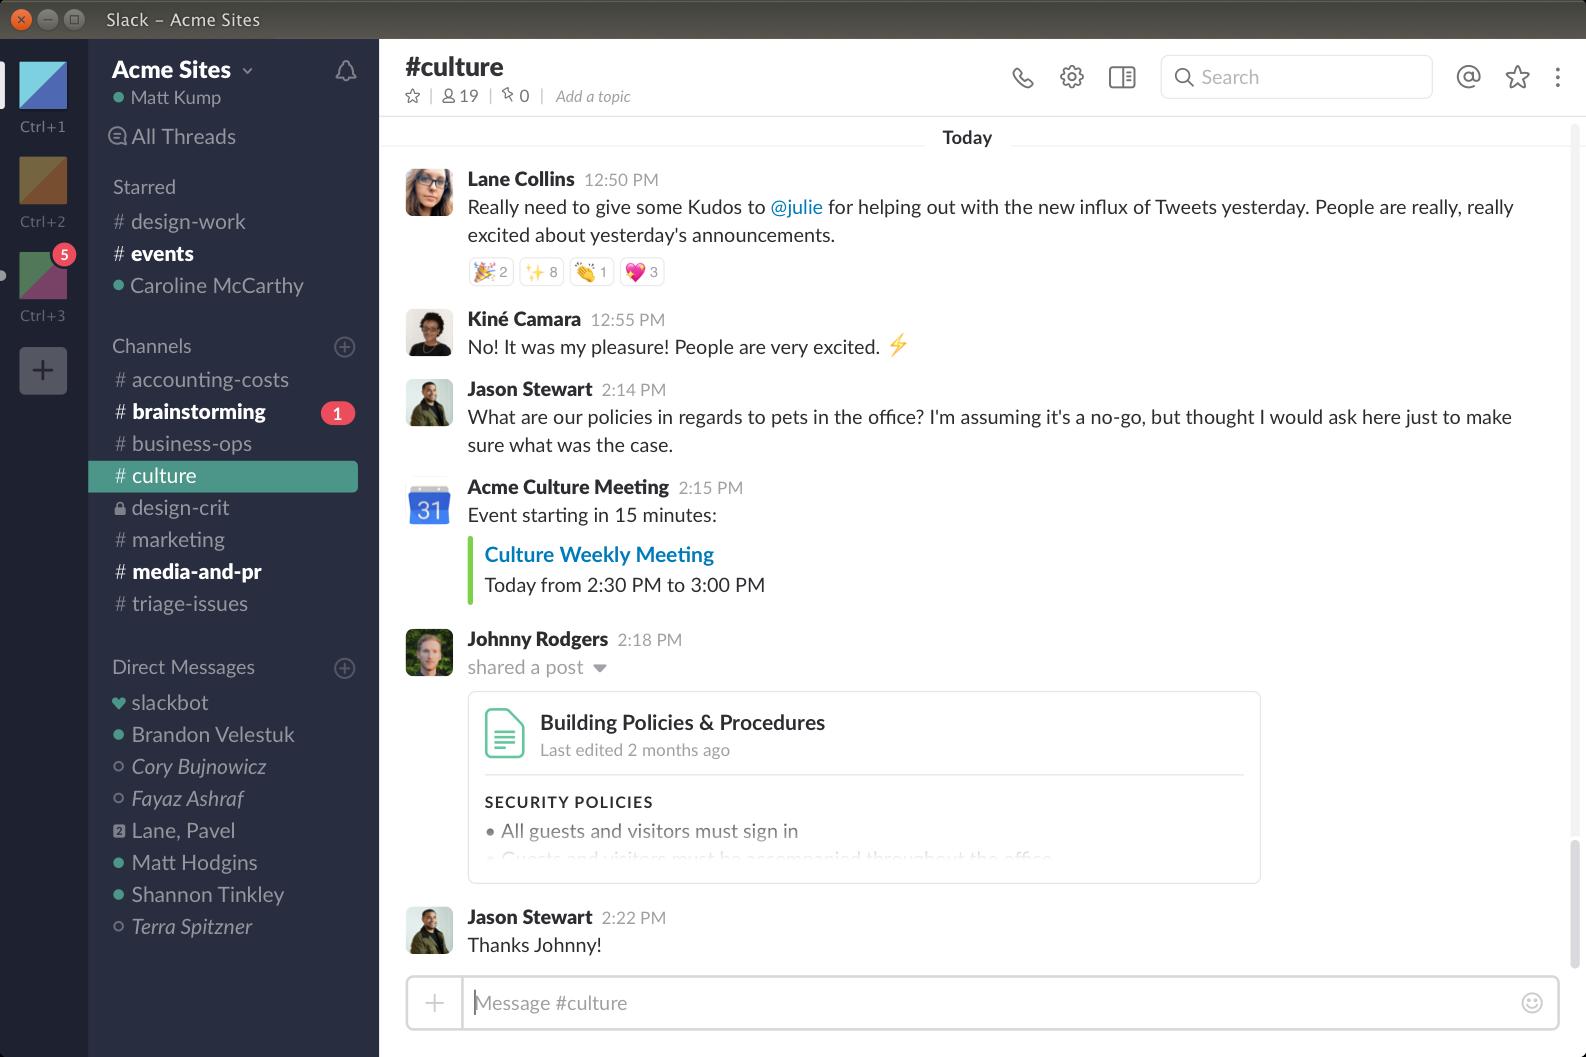 Canonical brings Slack to the snap ecosystem Ubuntu